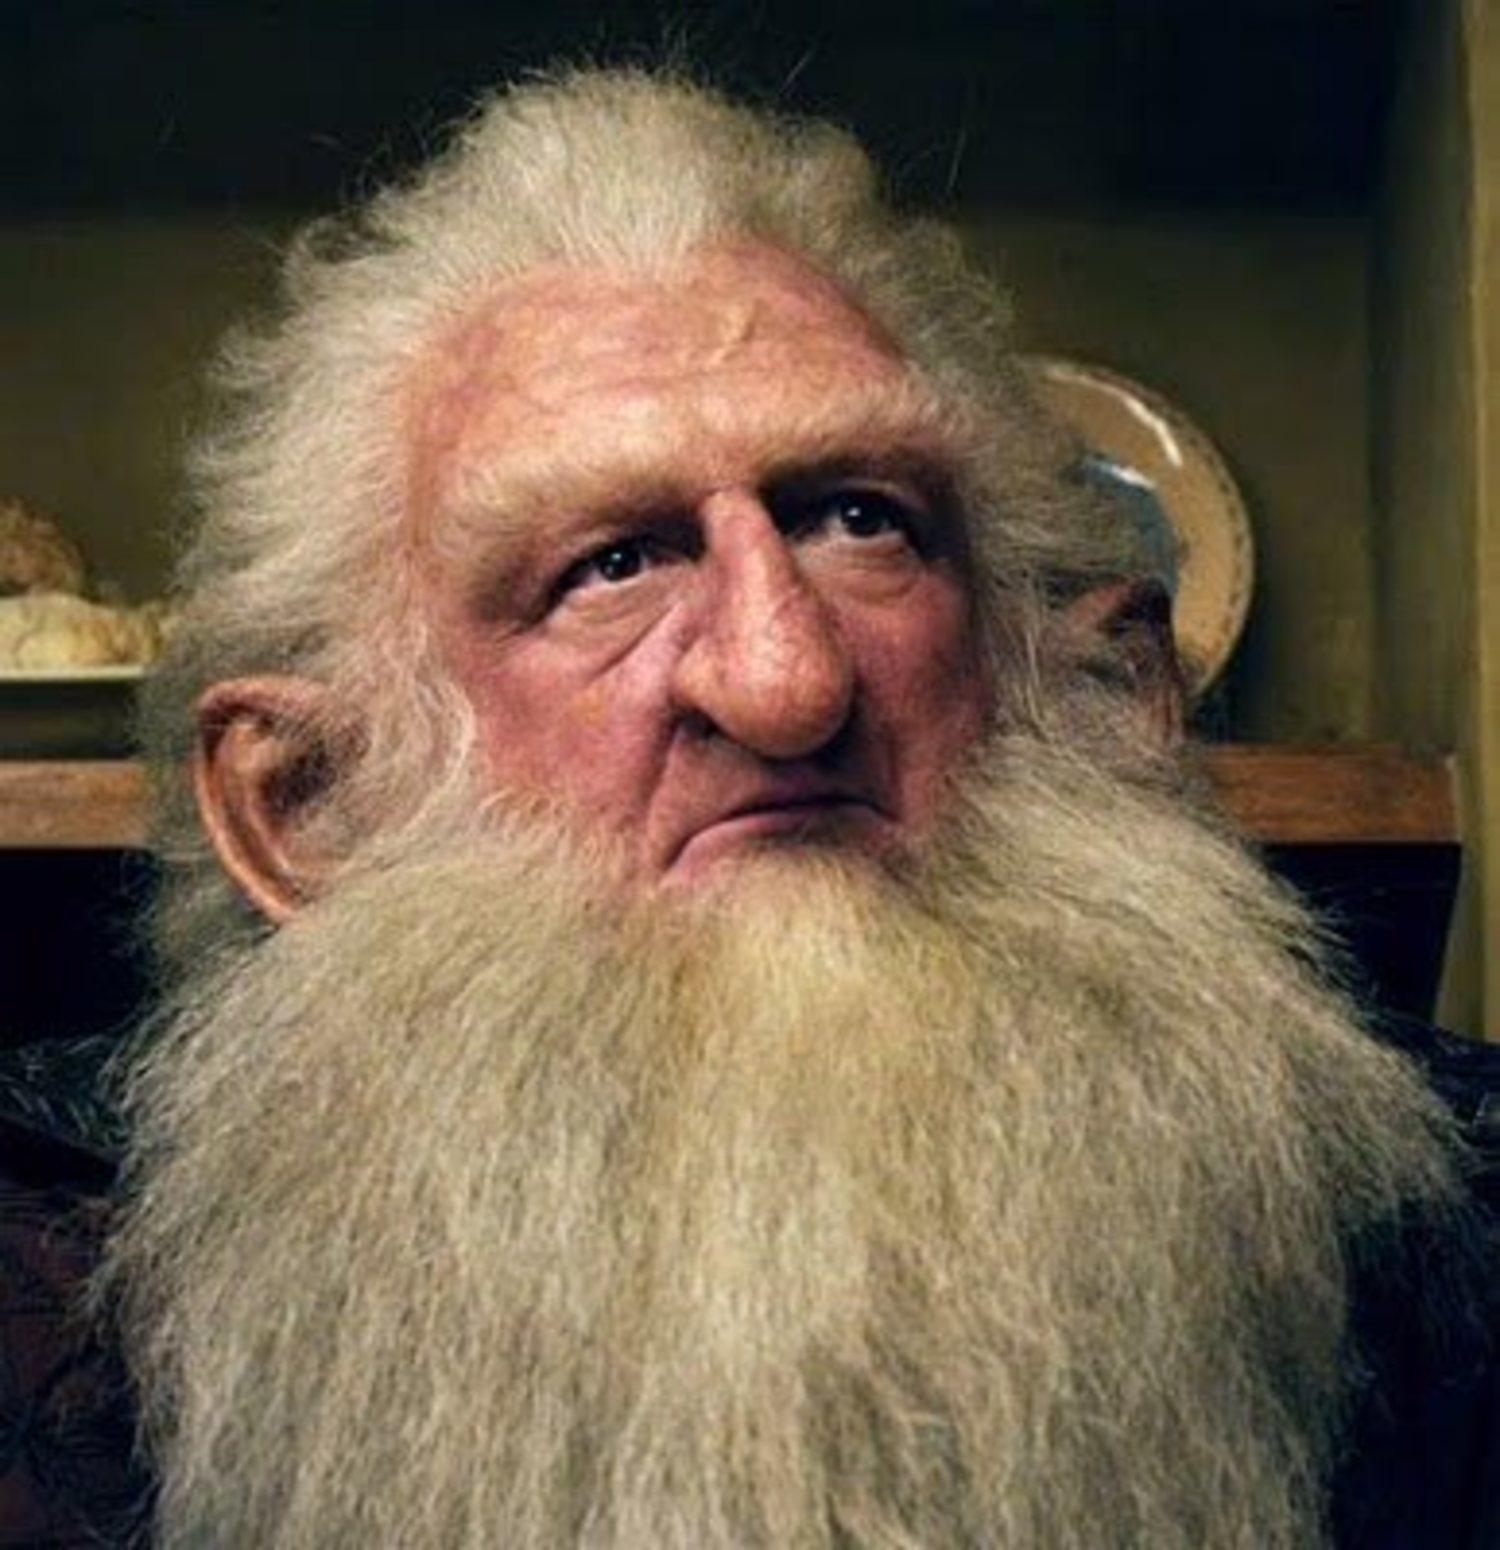 Ken Stott, en el papel de 'Balin' en la película 'El Hobbit', con una barba 'Old Dutch' que como decimos, ya es un estilo pasado de moda